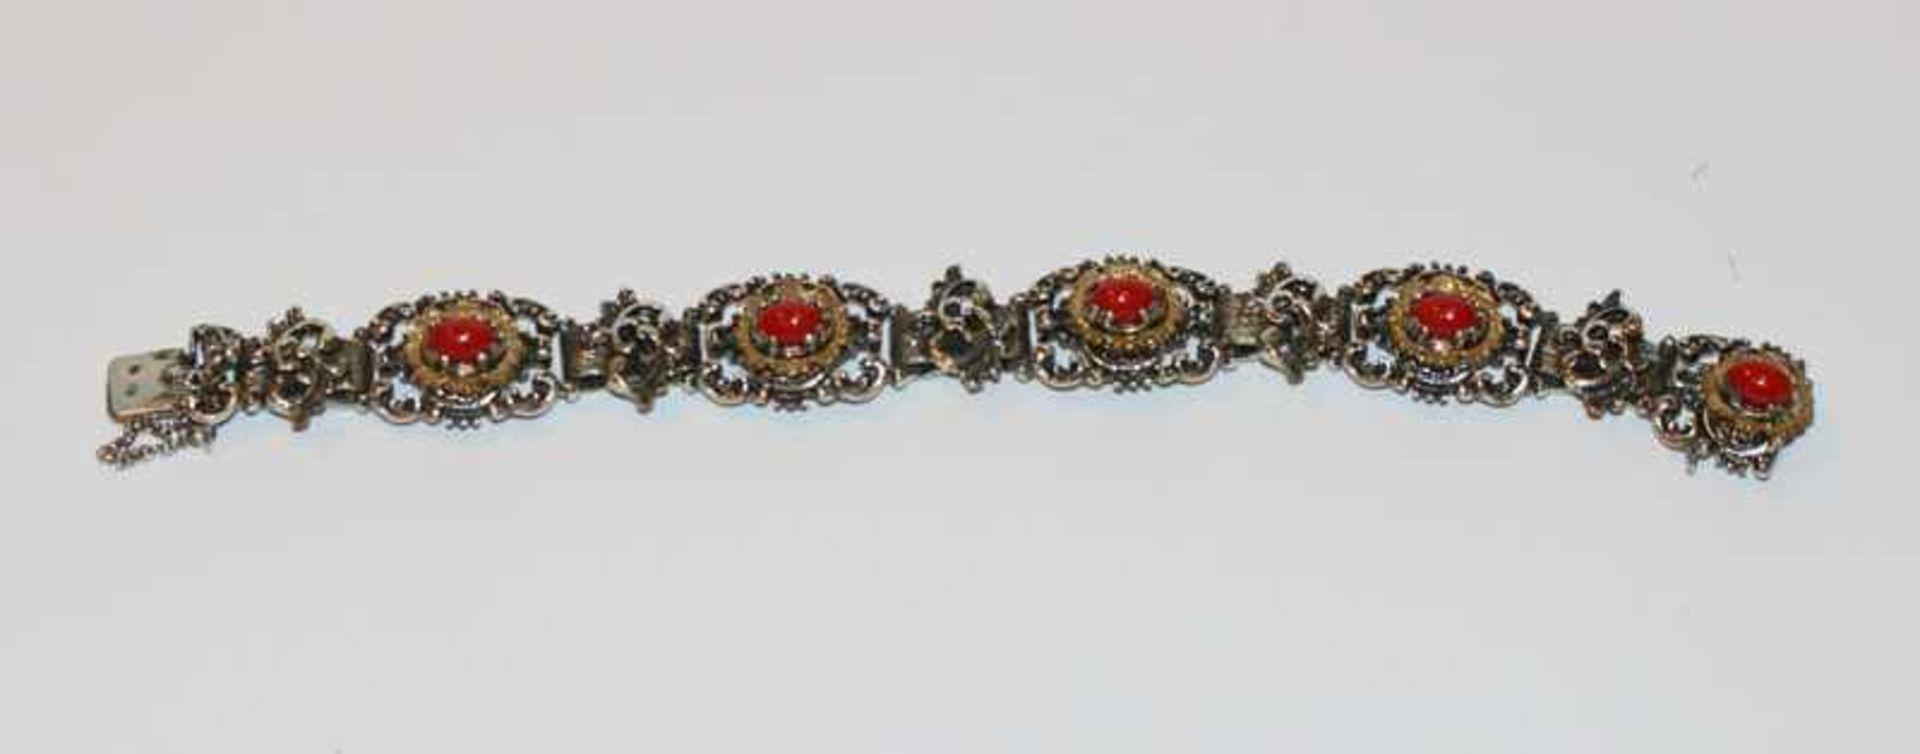 Los 57 - Silber Trachten Armband, teils vergoldet mit 5 Korallen ?, L 18 cm